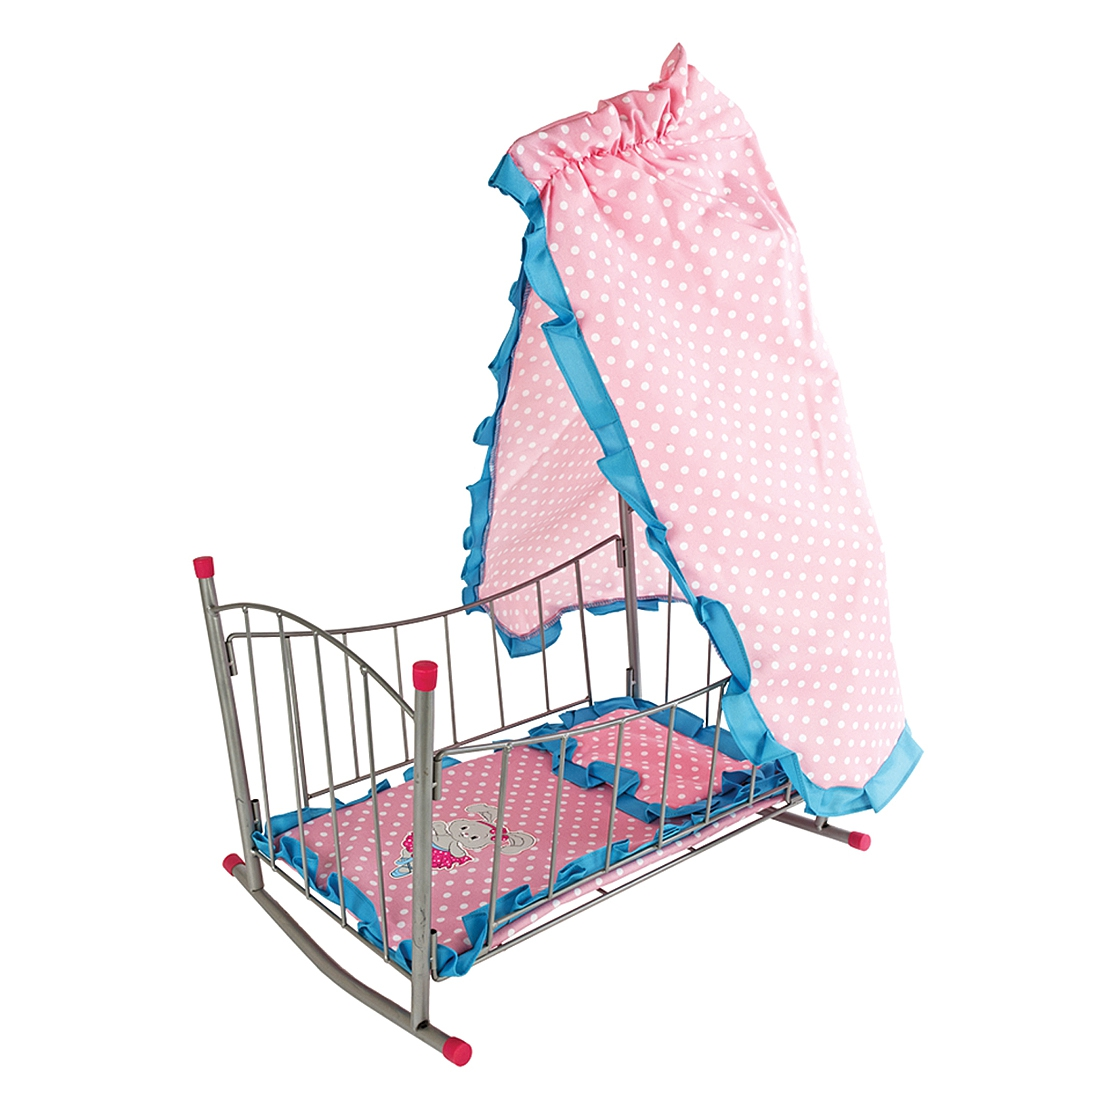 Мебель для кукол Наша игрушка Кровать-качалка для куклы Зайка с балдахином кроватка качалка для кукол полесье кроватка качалка сборная для кукол 2